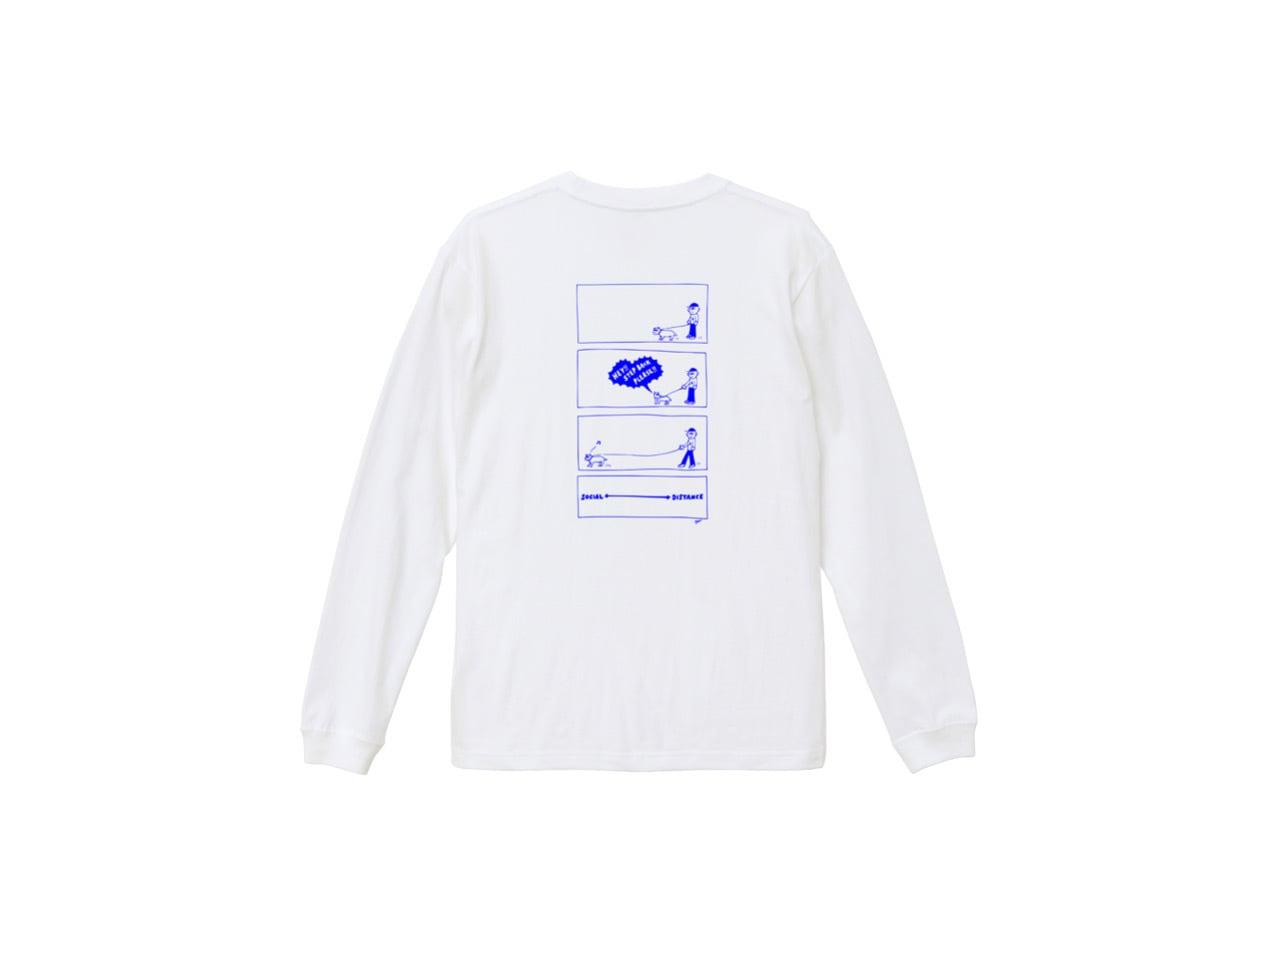 SHI × coguchi Dog SD long T-shirt (WH/BLUE)